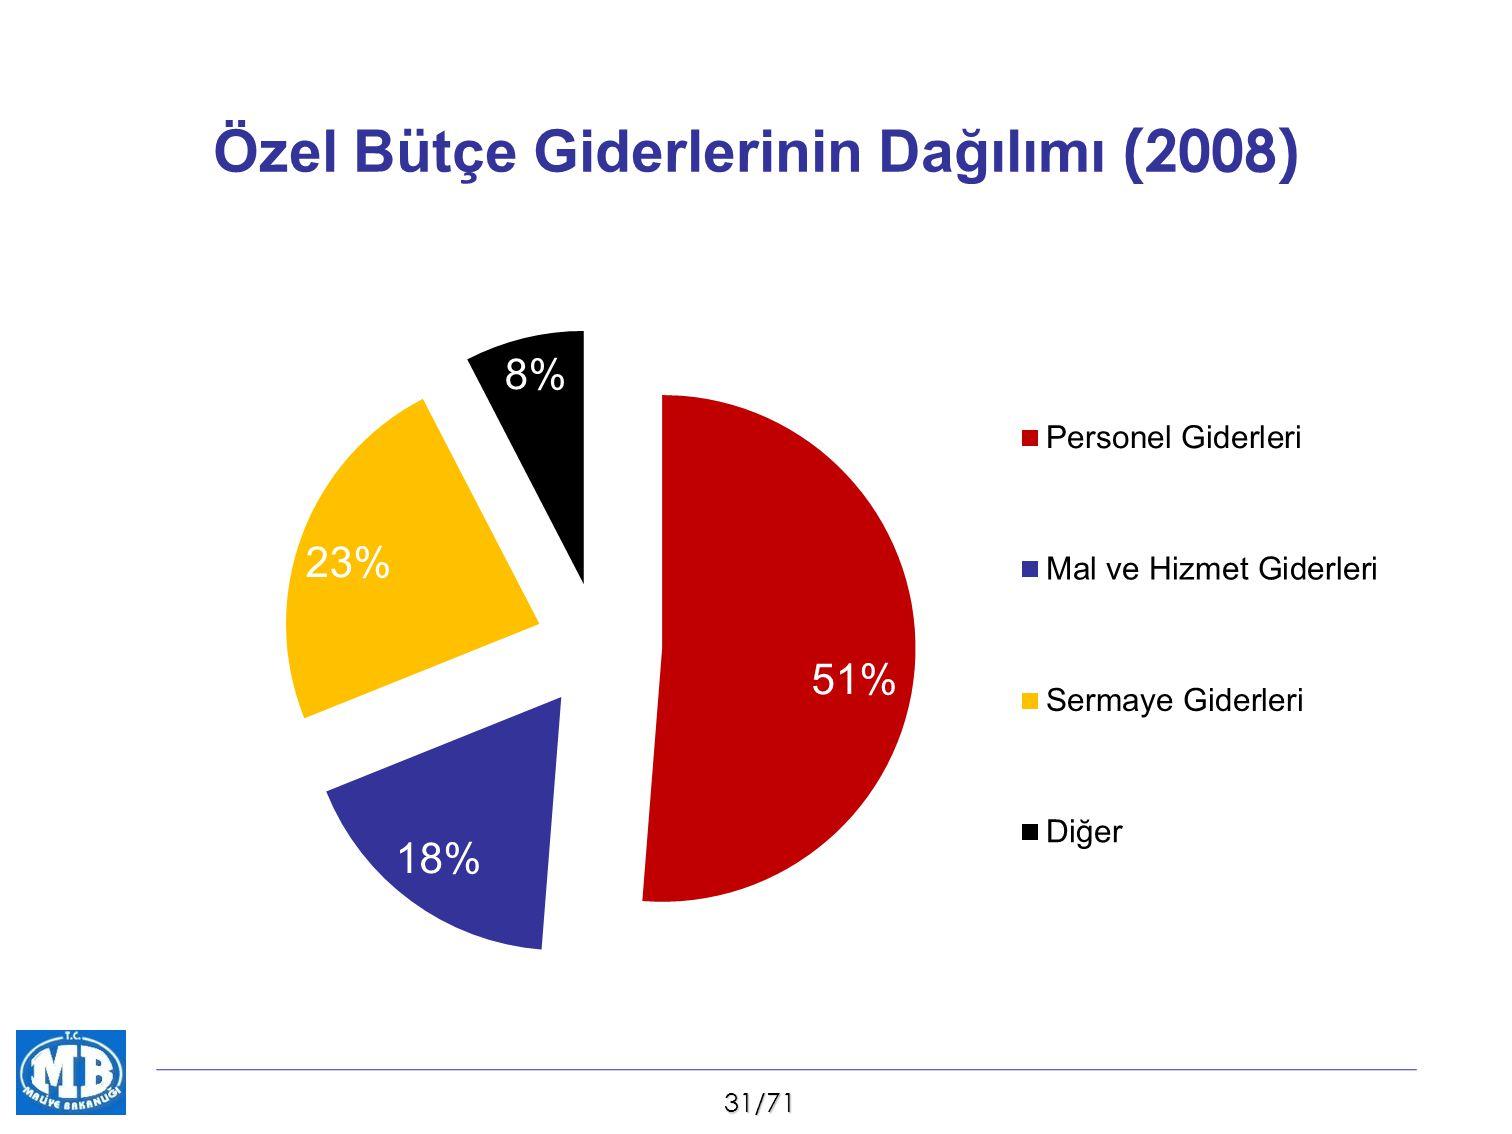 31/71 Özel Bütçe Giderlerinin Dağılımı (2008)